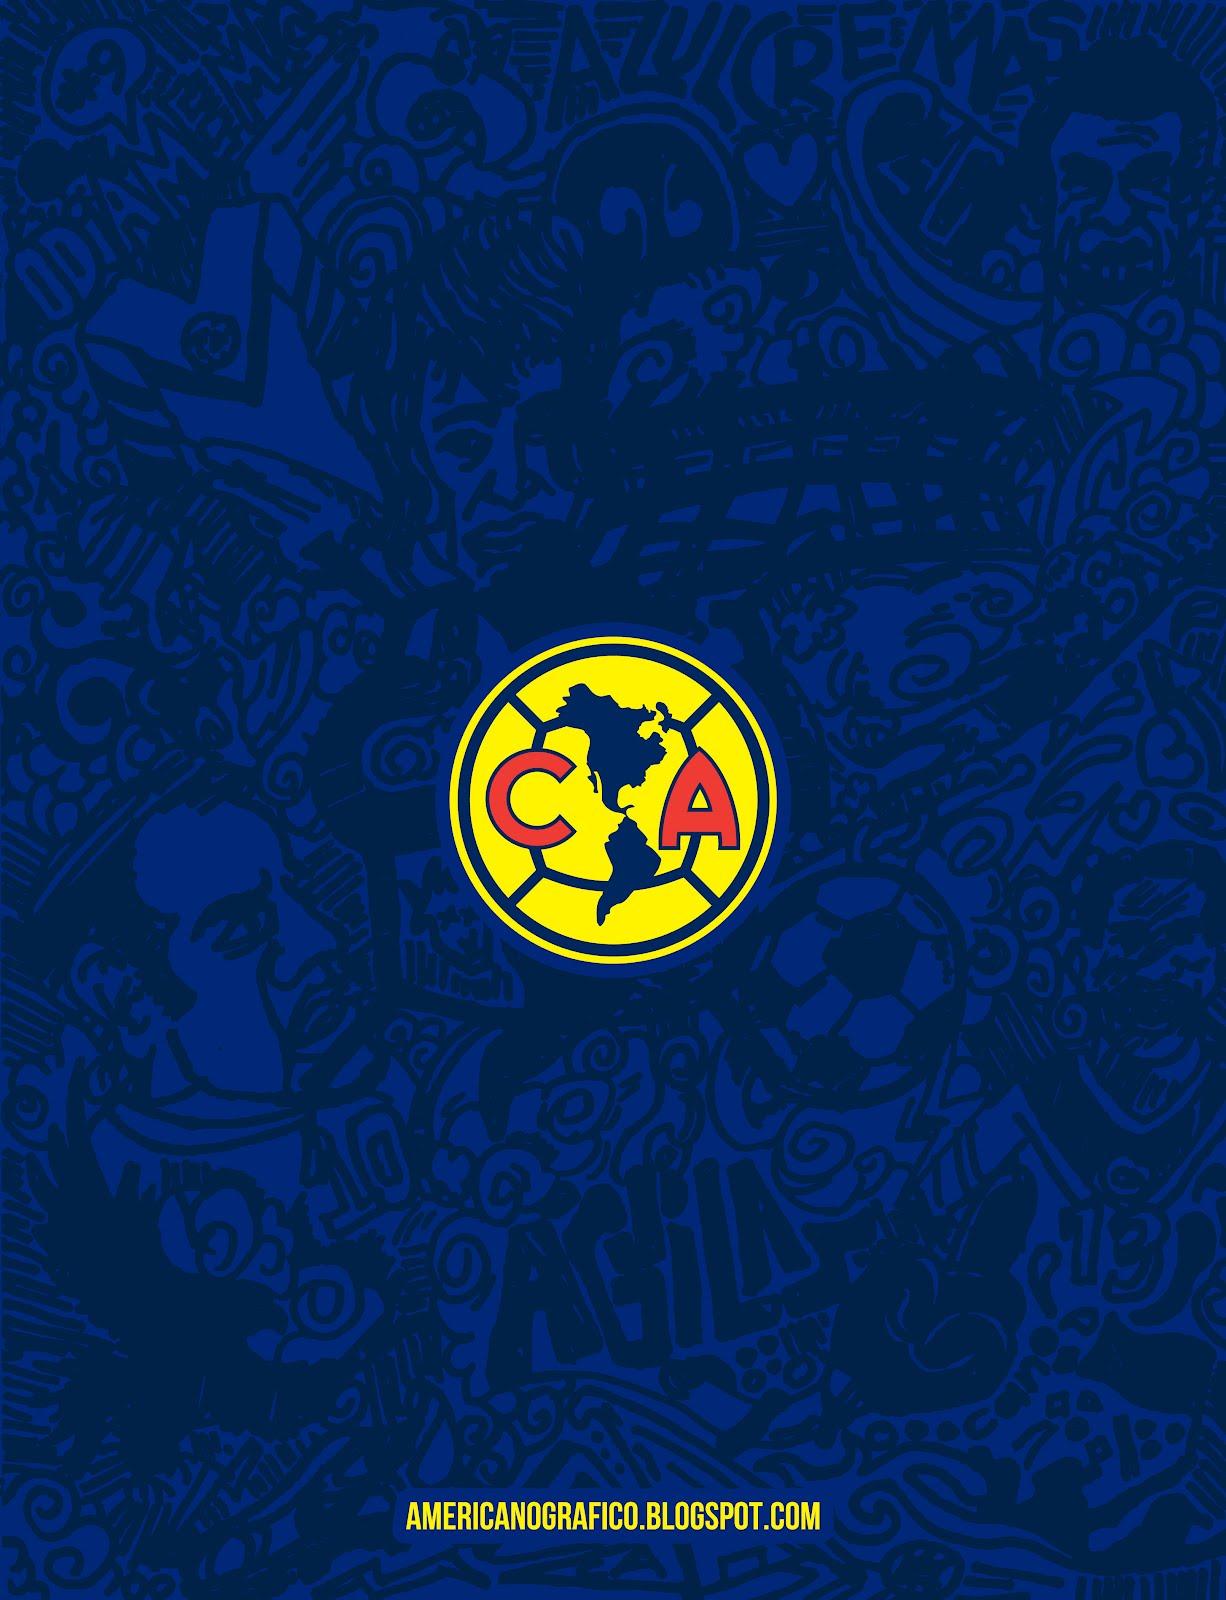 AMERICAnografico Club Amrica 20012012CTG [HD] 1226x1600